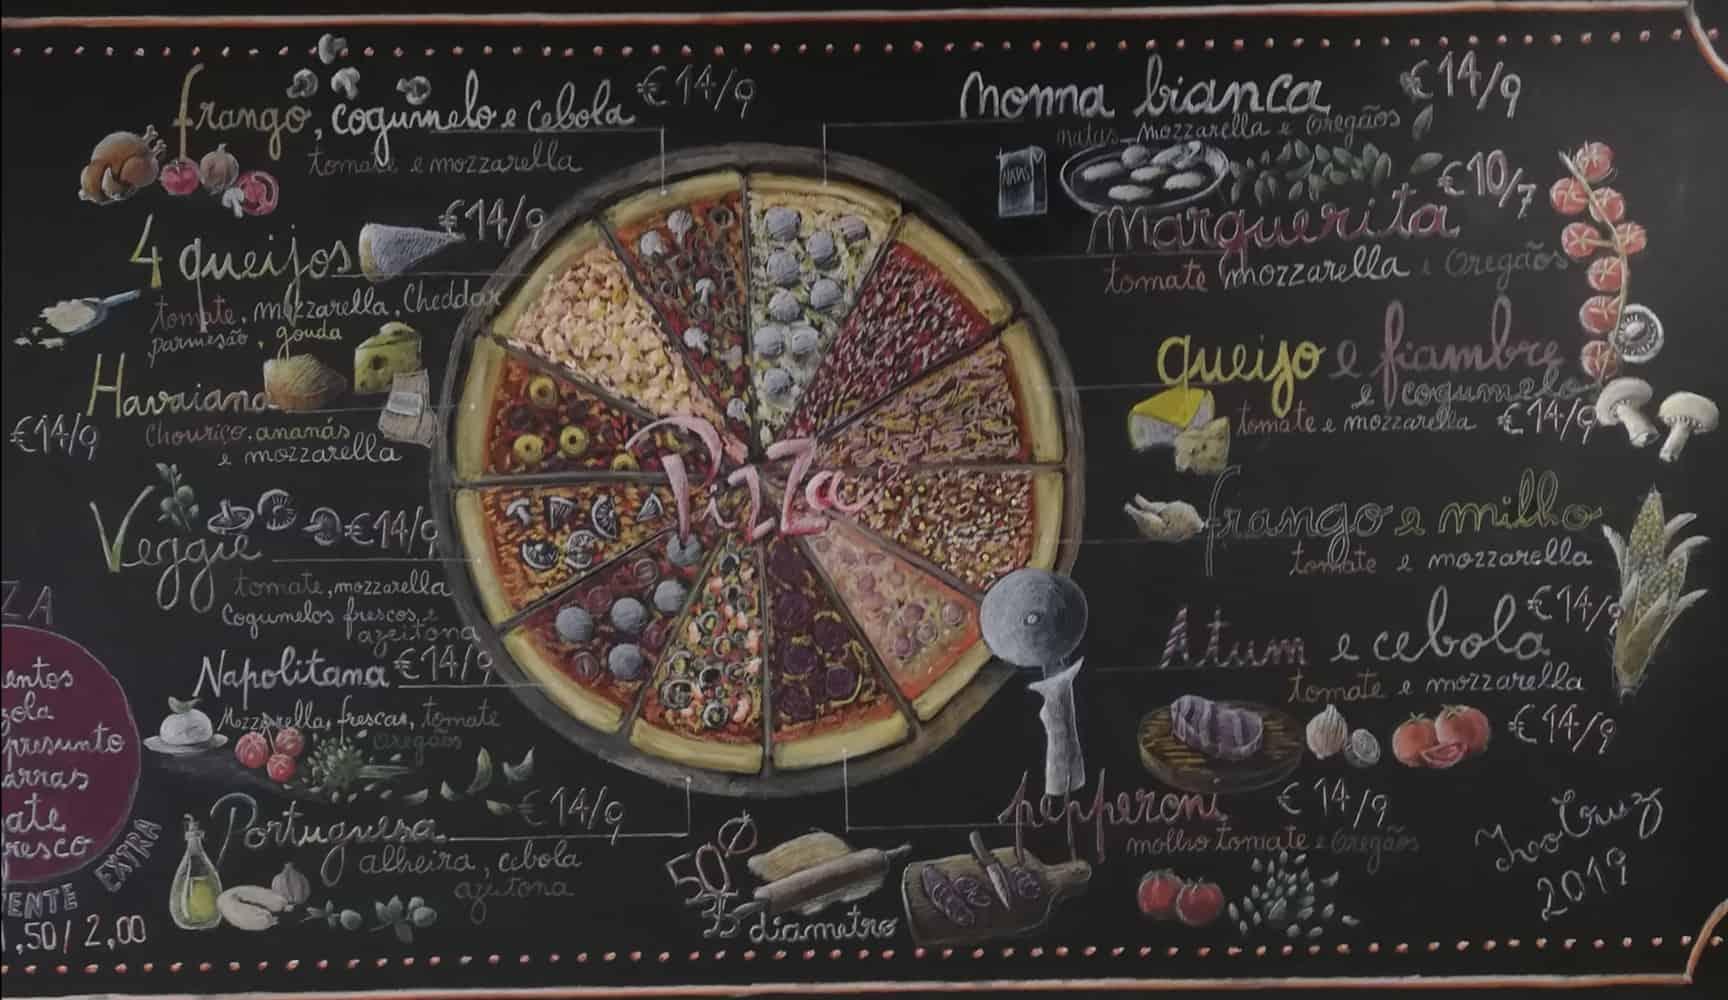 Pizza vegan da Nonna Vespa, Maia